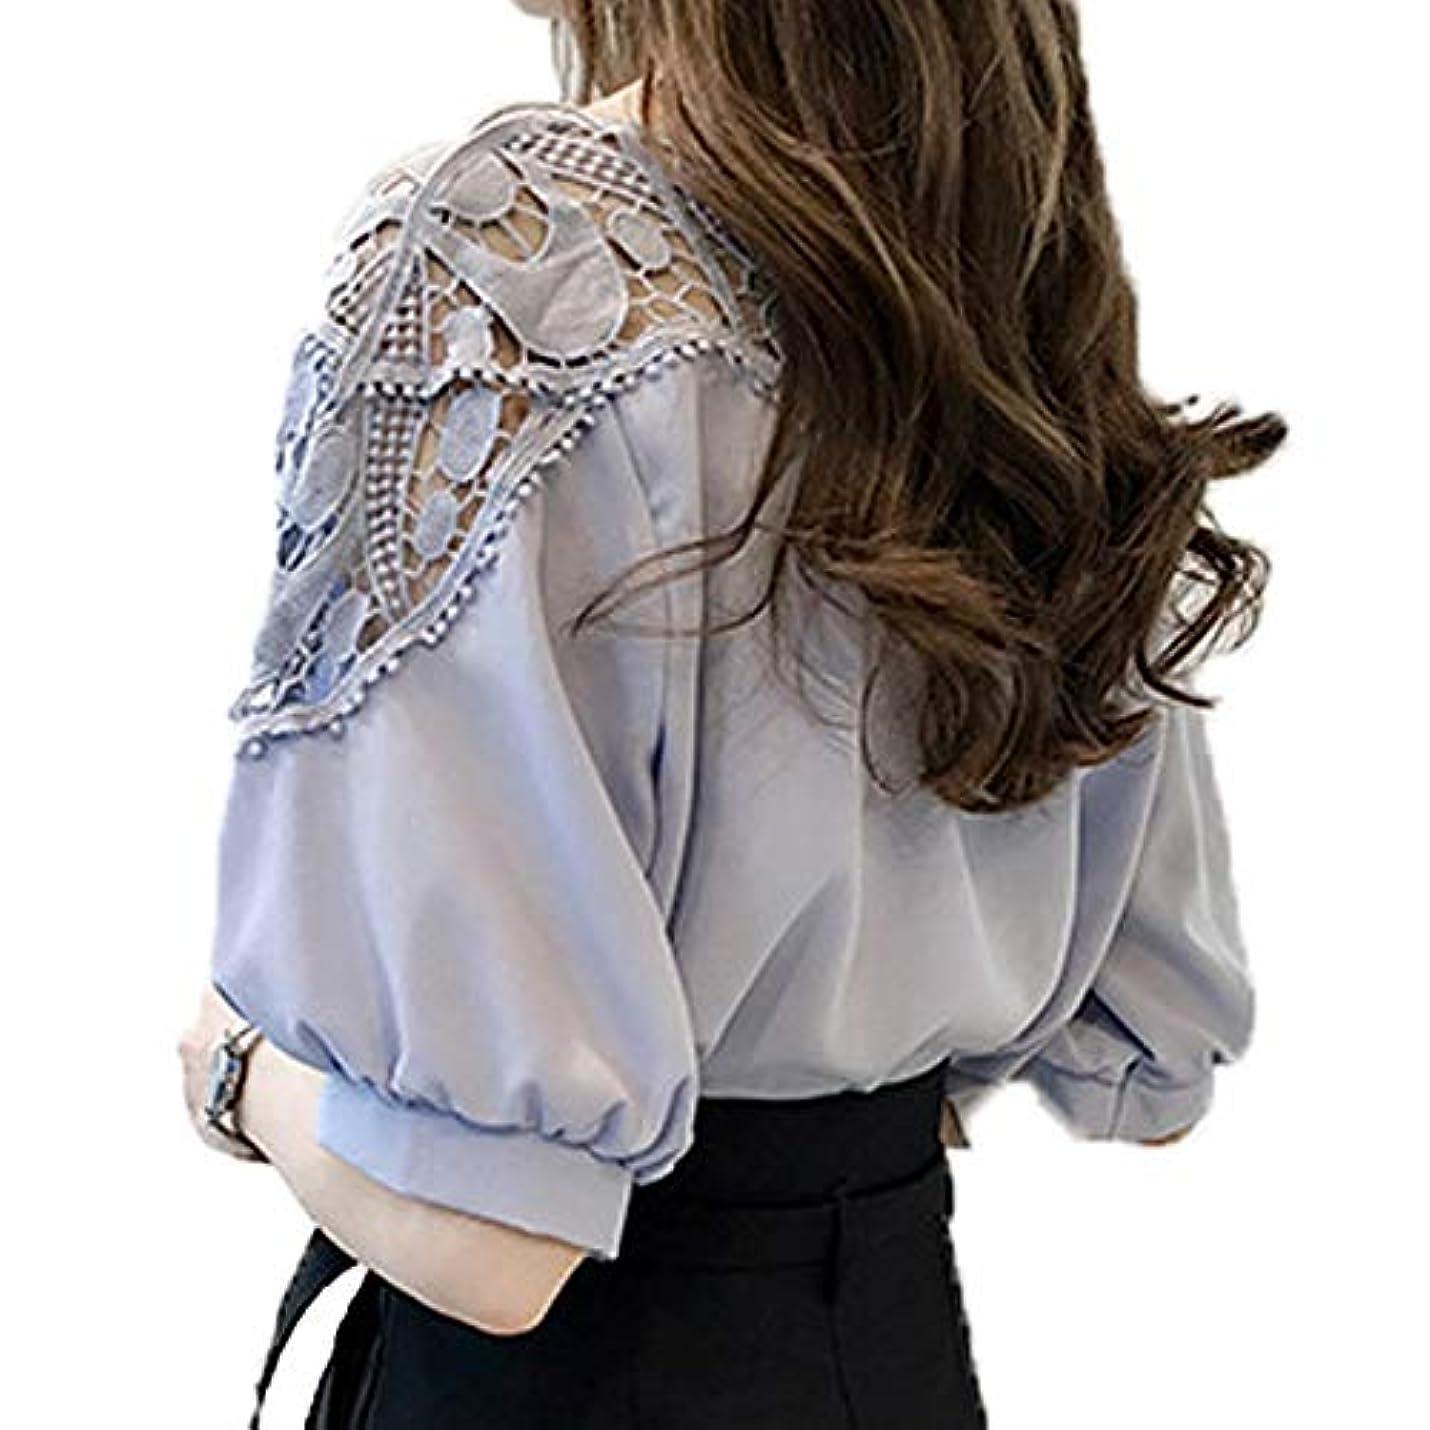 争い討論対人[ココチエ] ブラウス レディース レース 肩出し 半袖 おしゃれ かわいい とろみ バルーン袖 5分袖 花柄 ゆったり